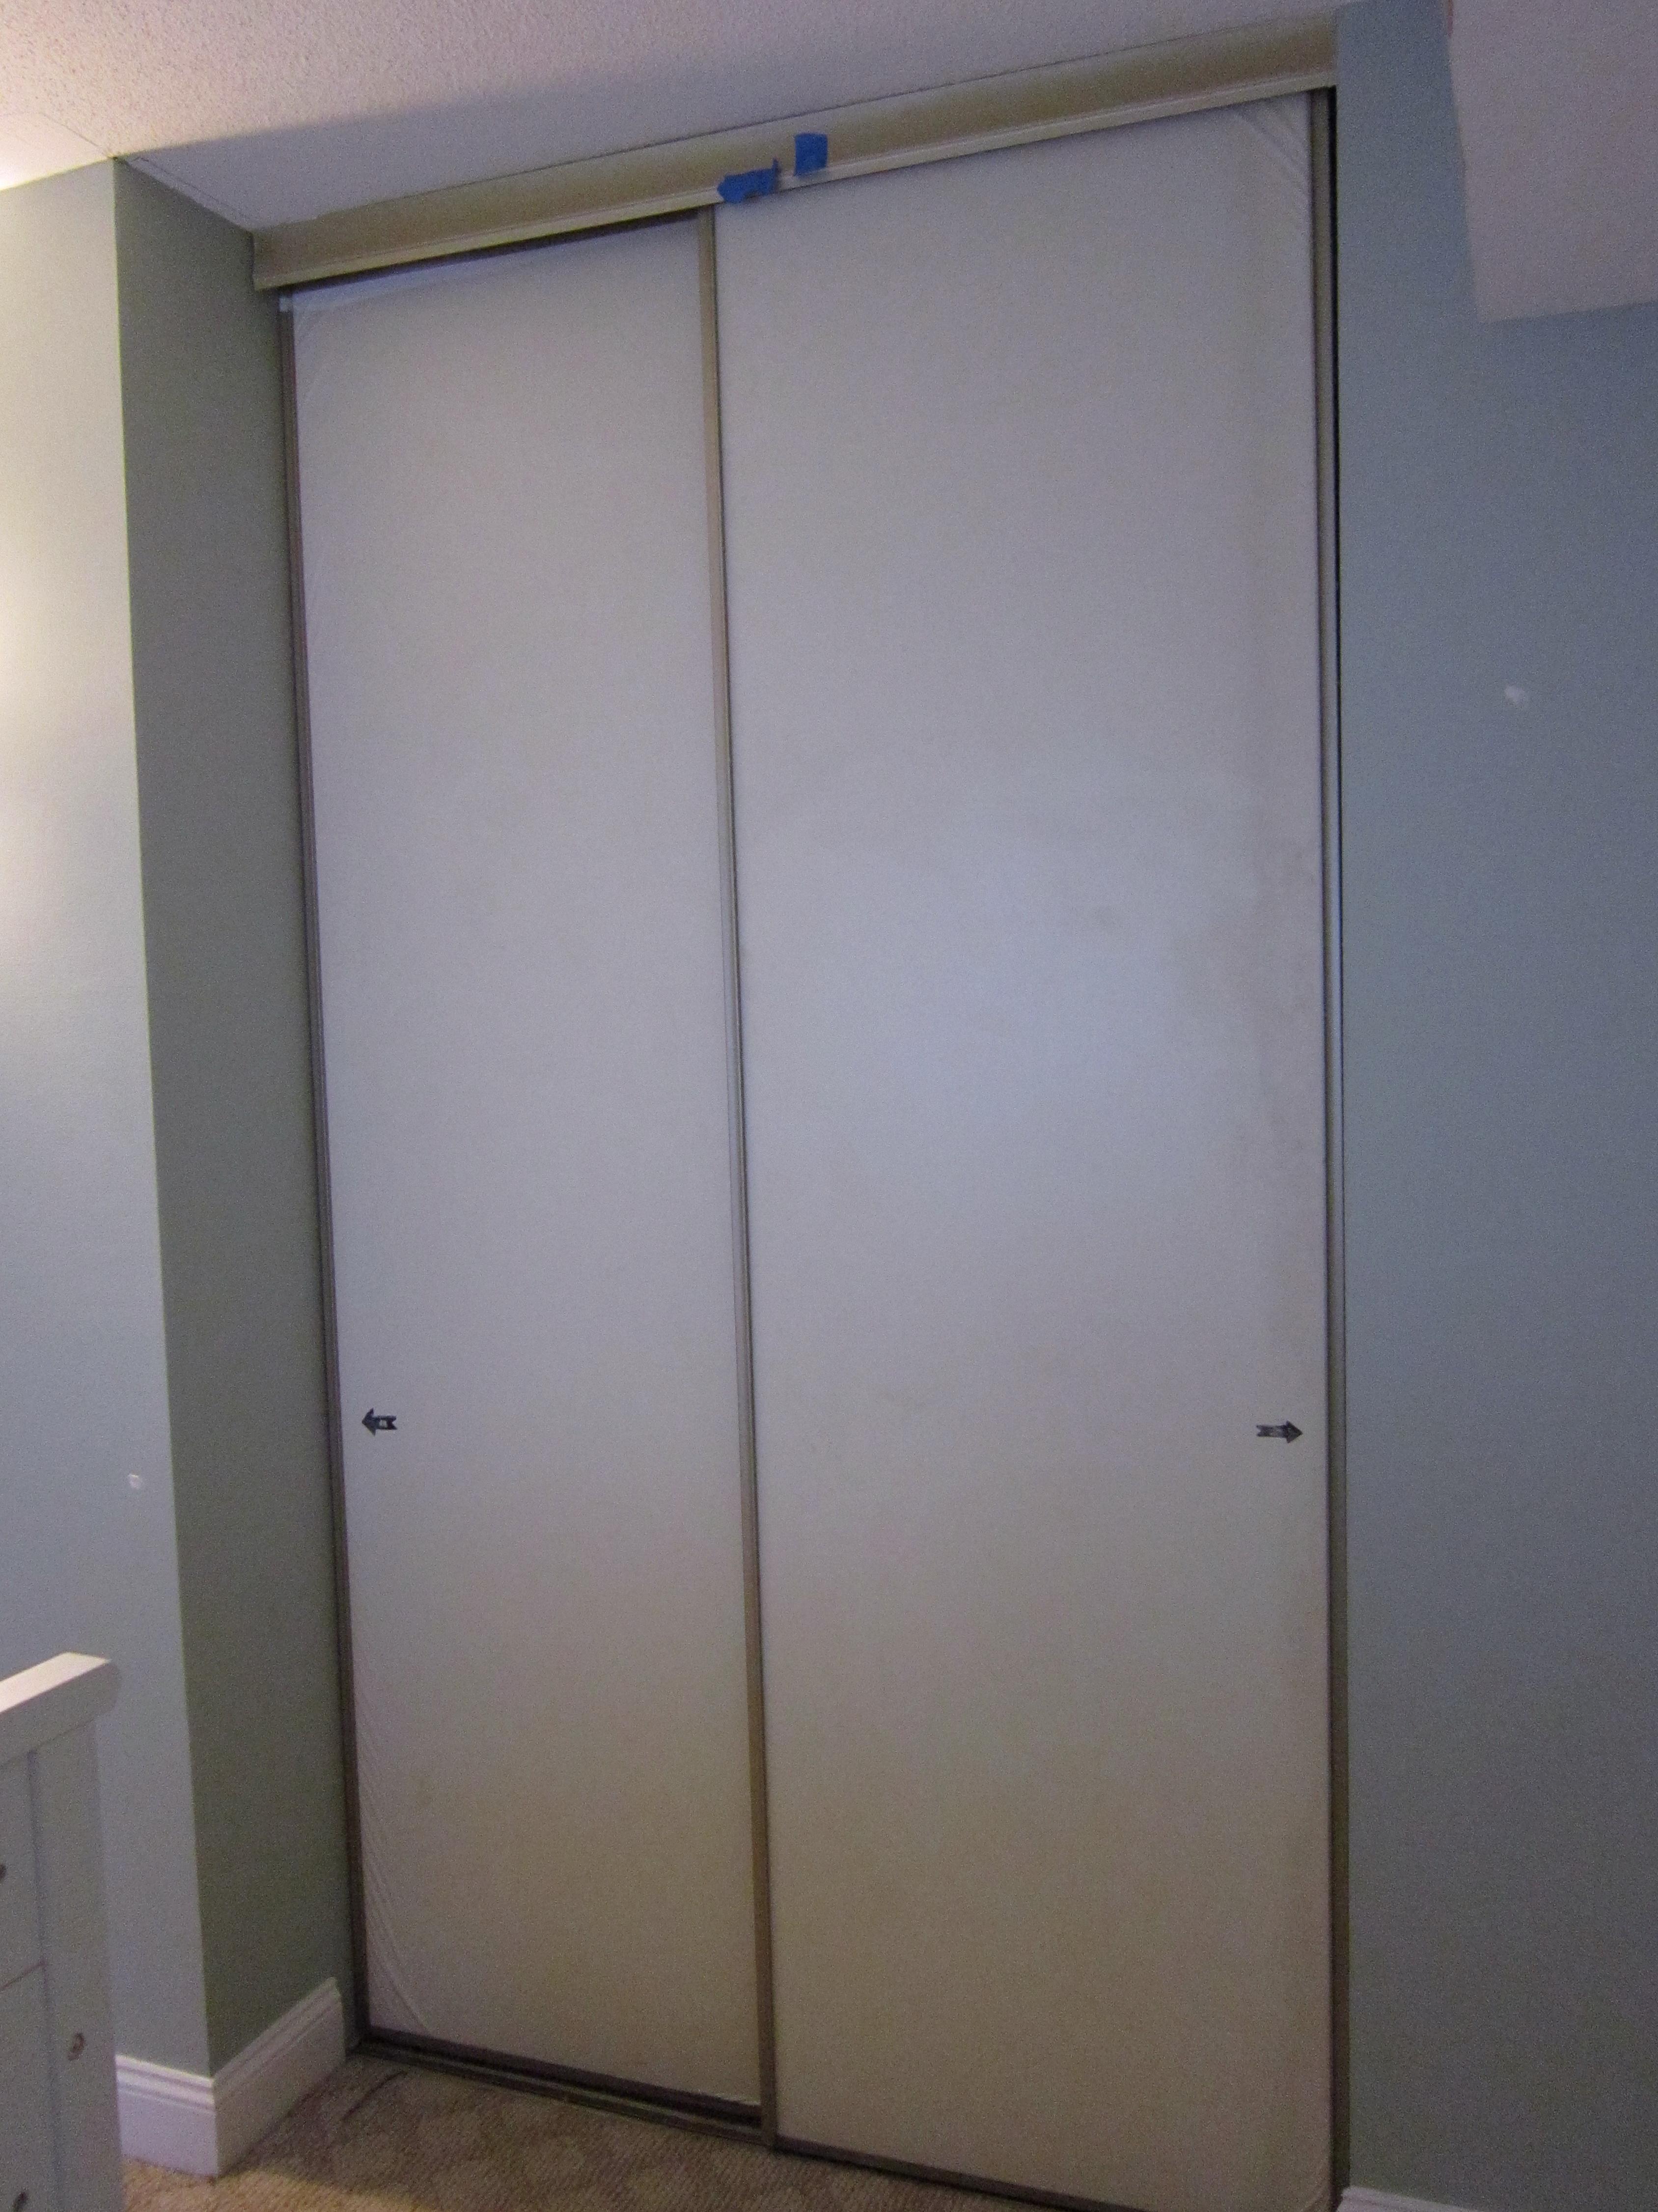 Bypass Closet Door Hardware Home Depot